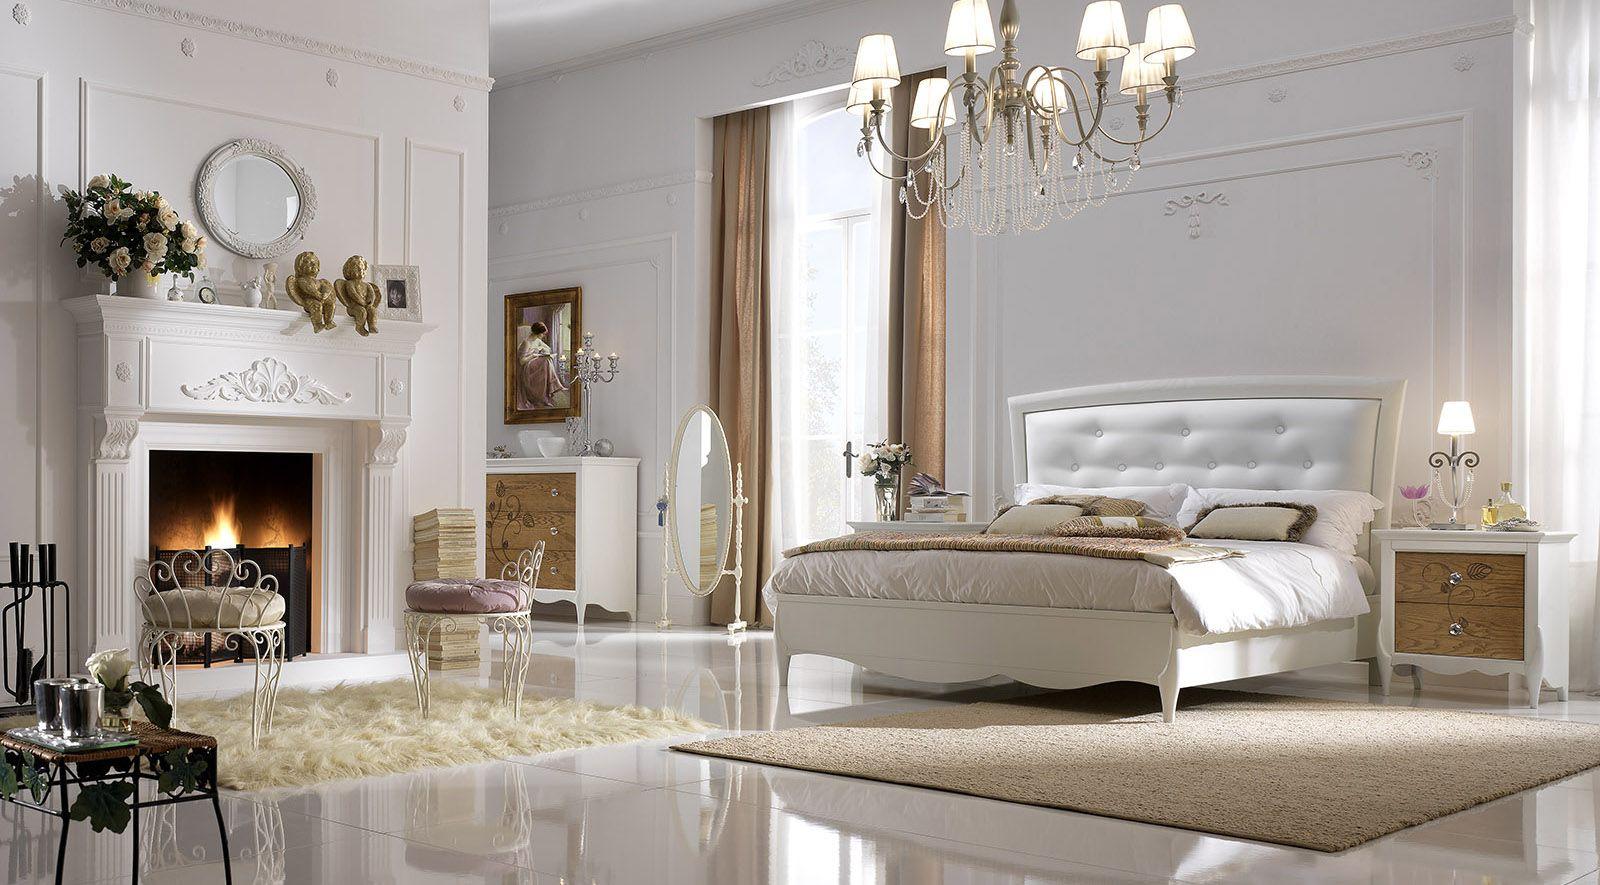 Pedio arredamenti arredamenti salento vendita e progettazione cucine e camerette mobili in - Camere da pranzo moderne ...